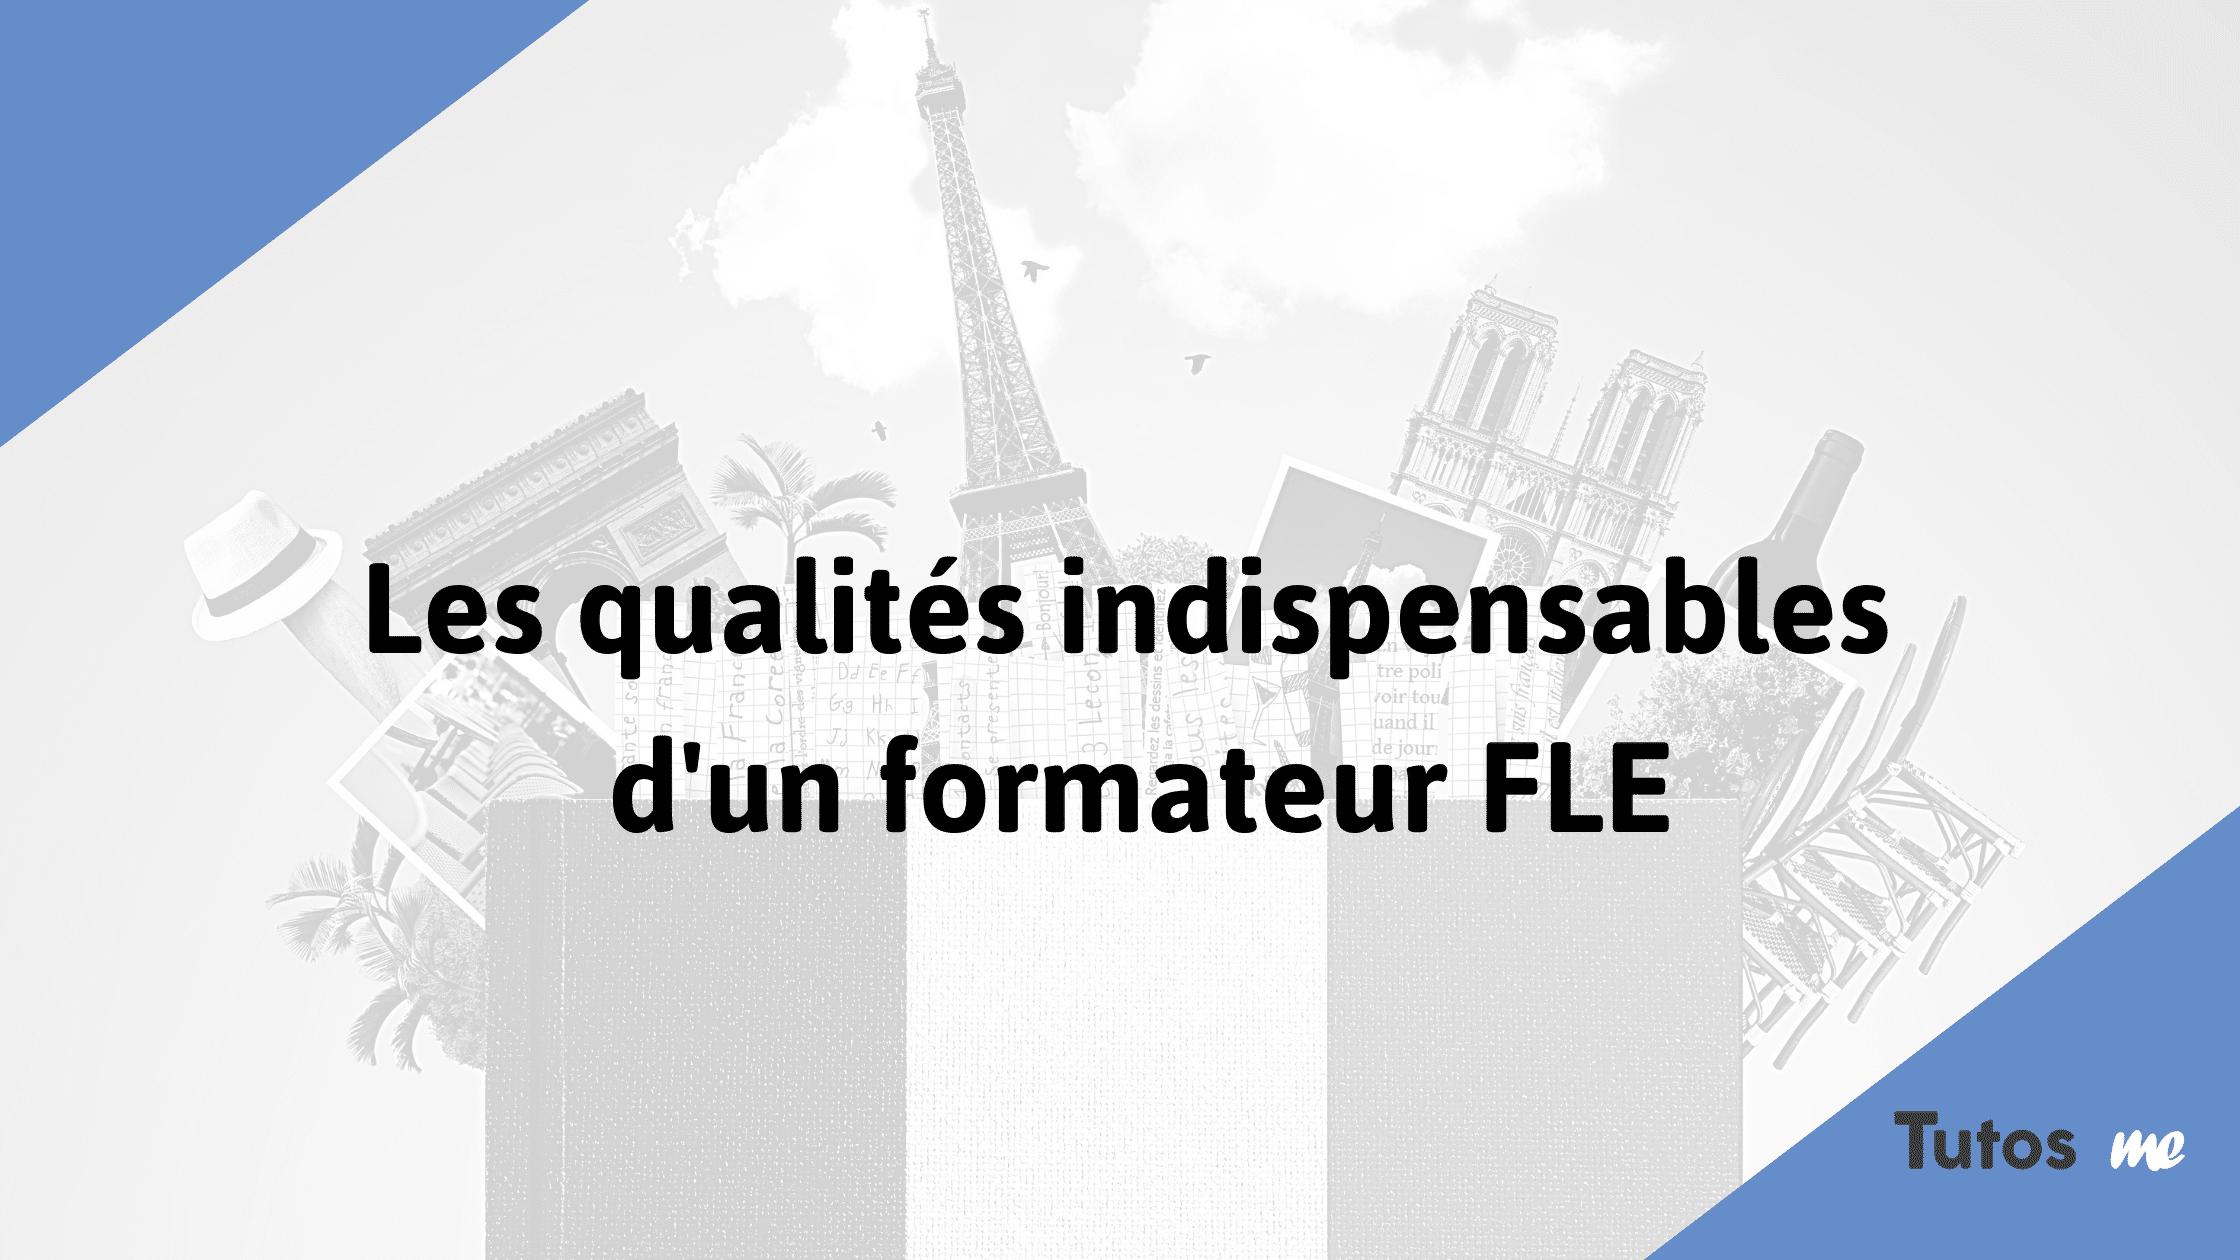 Les qualités indispensables d'un formateur FLE